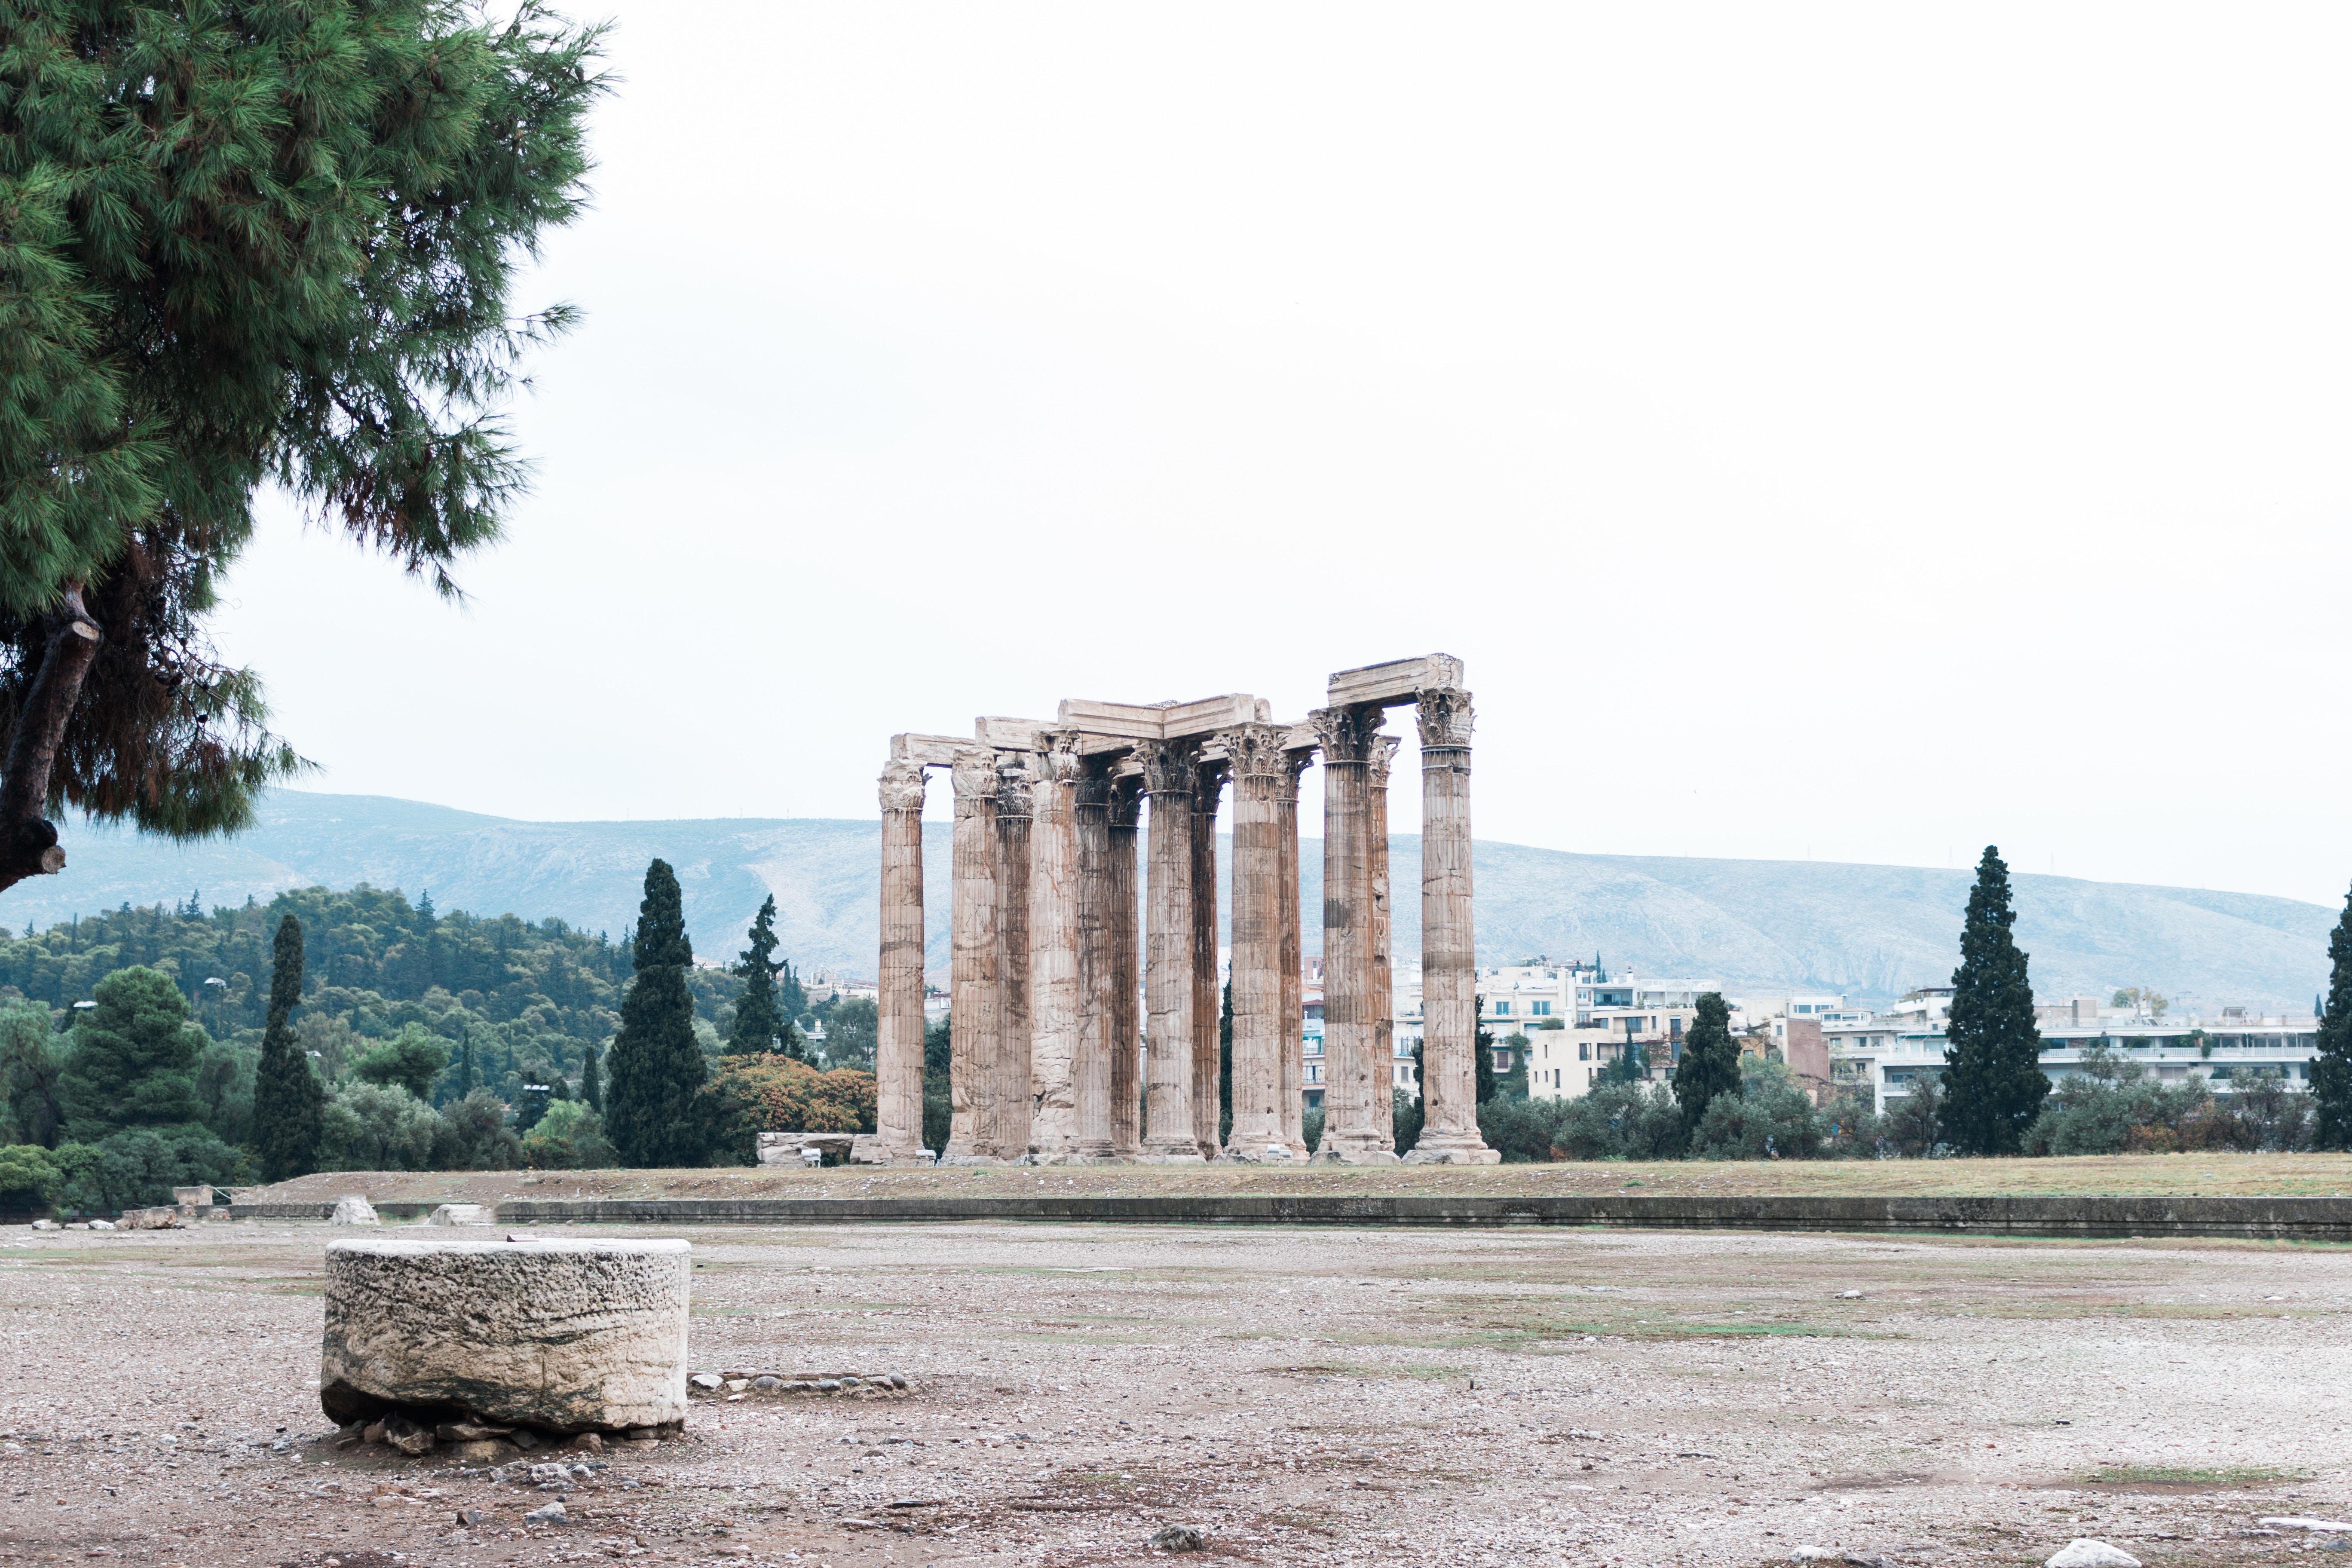 パルテノン神殿の見どころ!近代建設の元になった黄金比とは?